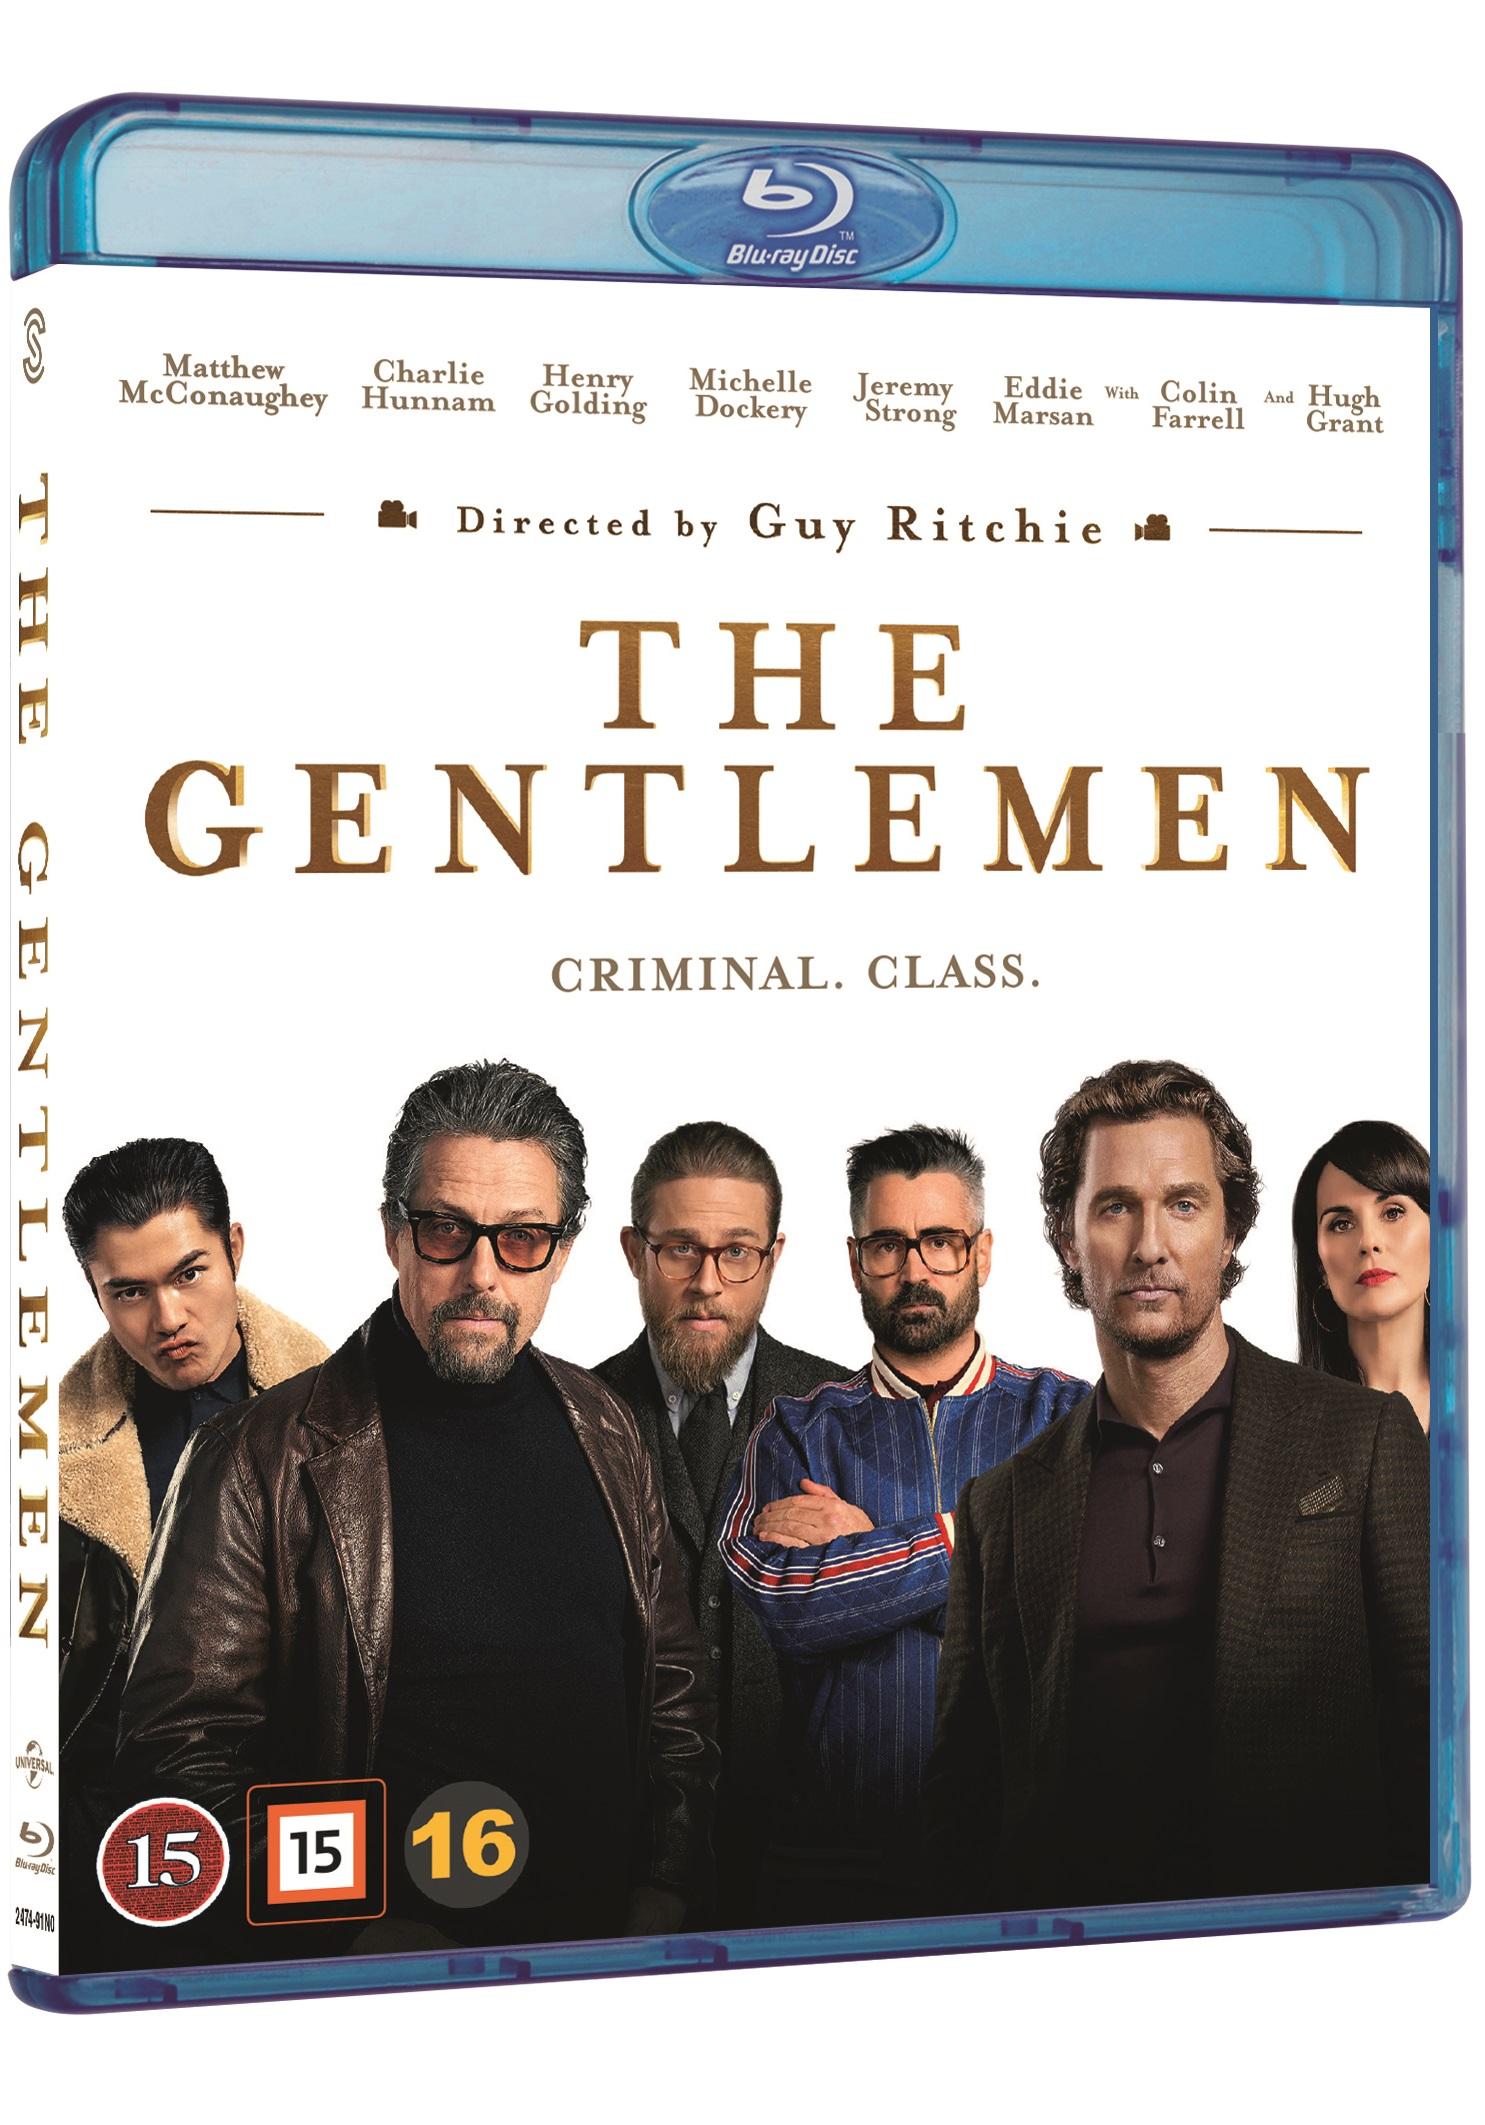 The Gentlemen - Guy Ritchie - Film -  - 5706169003146 - July 13, 2020